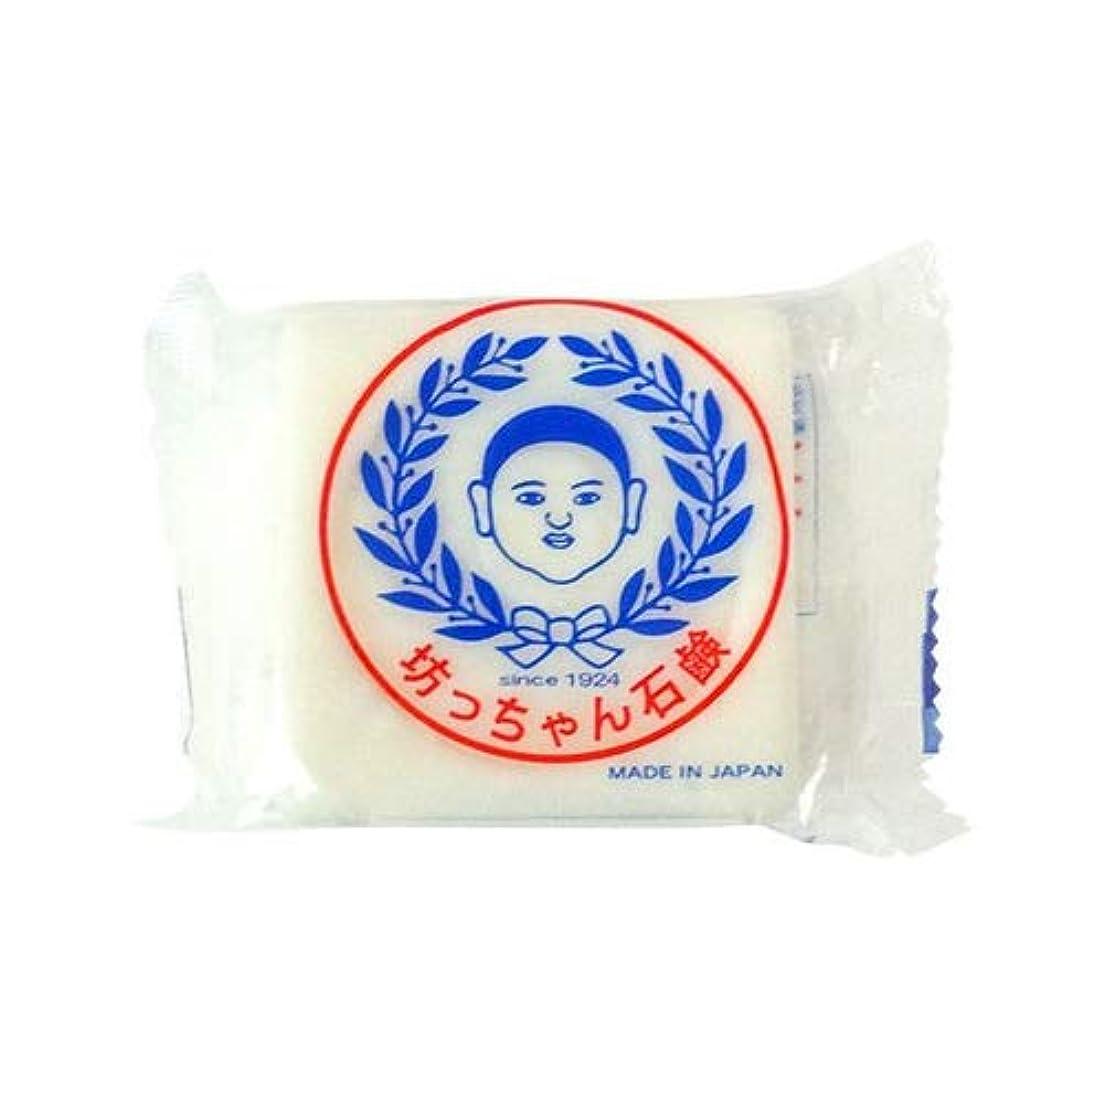 まとめる追加ミンチ坊っちゃん石鹸 ミニサイズ 100g